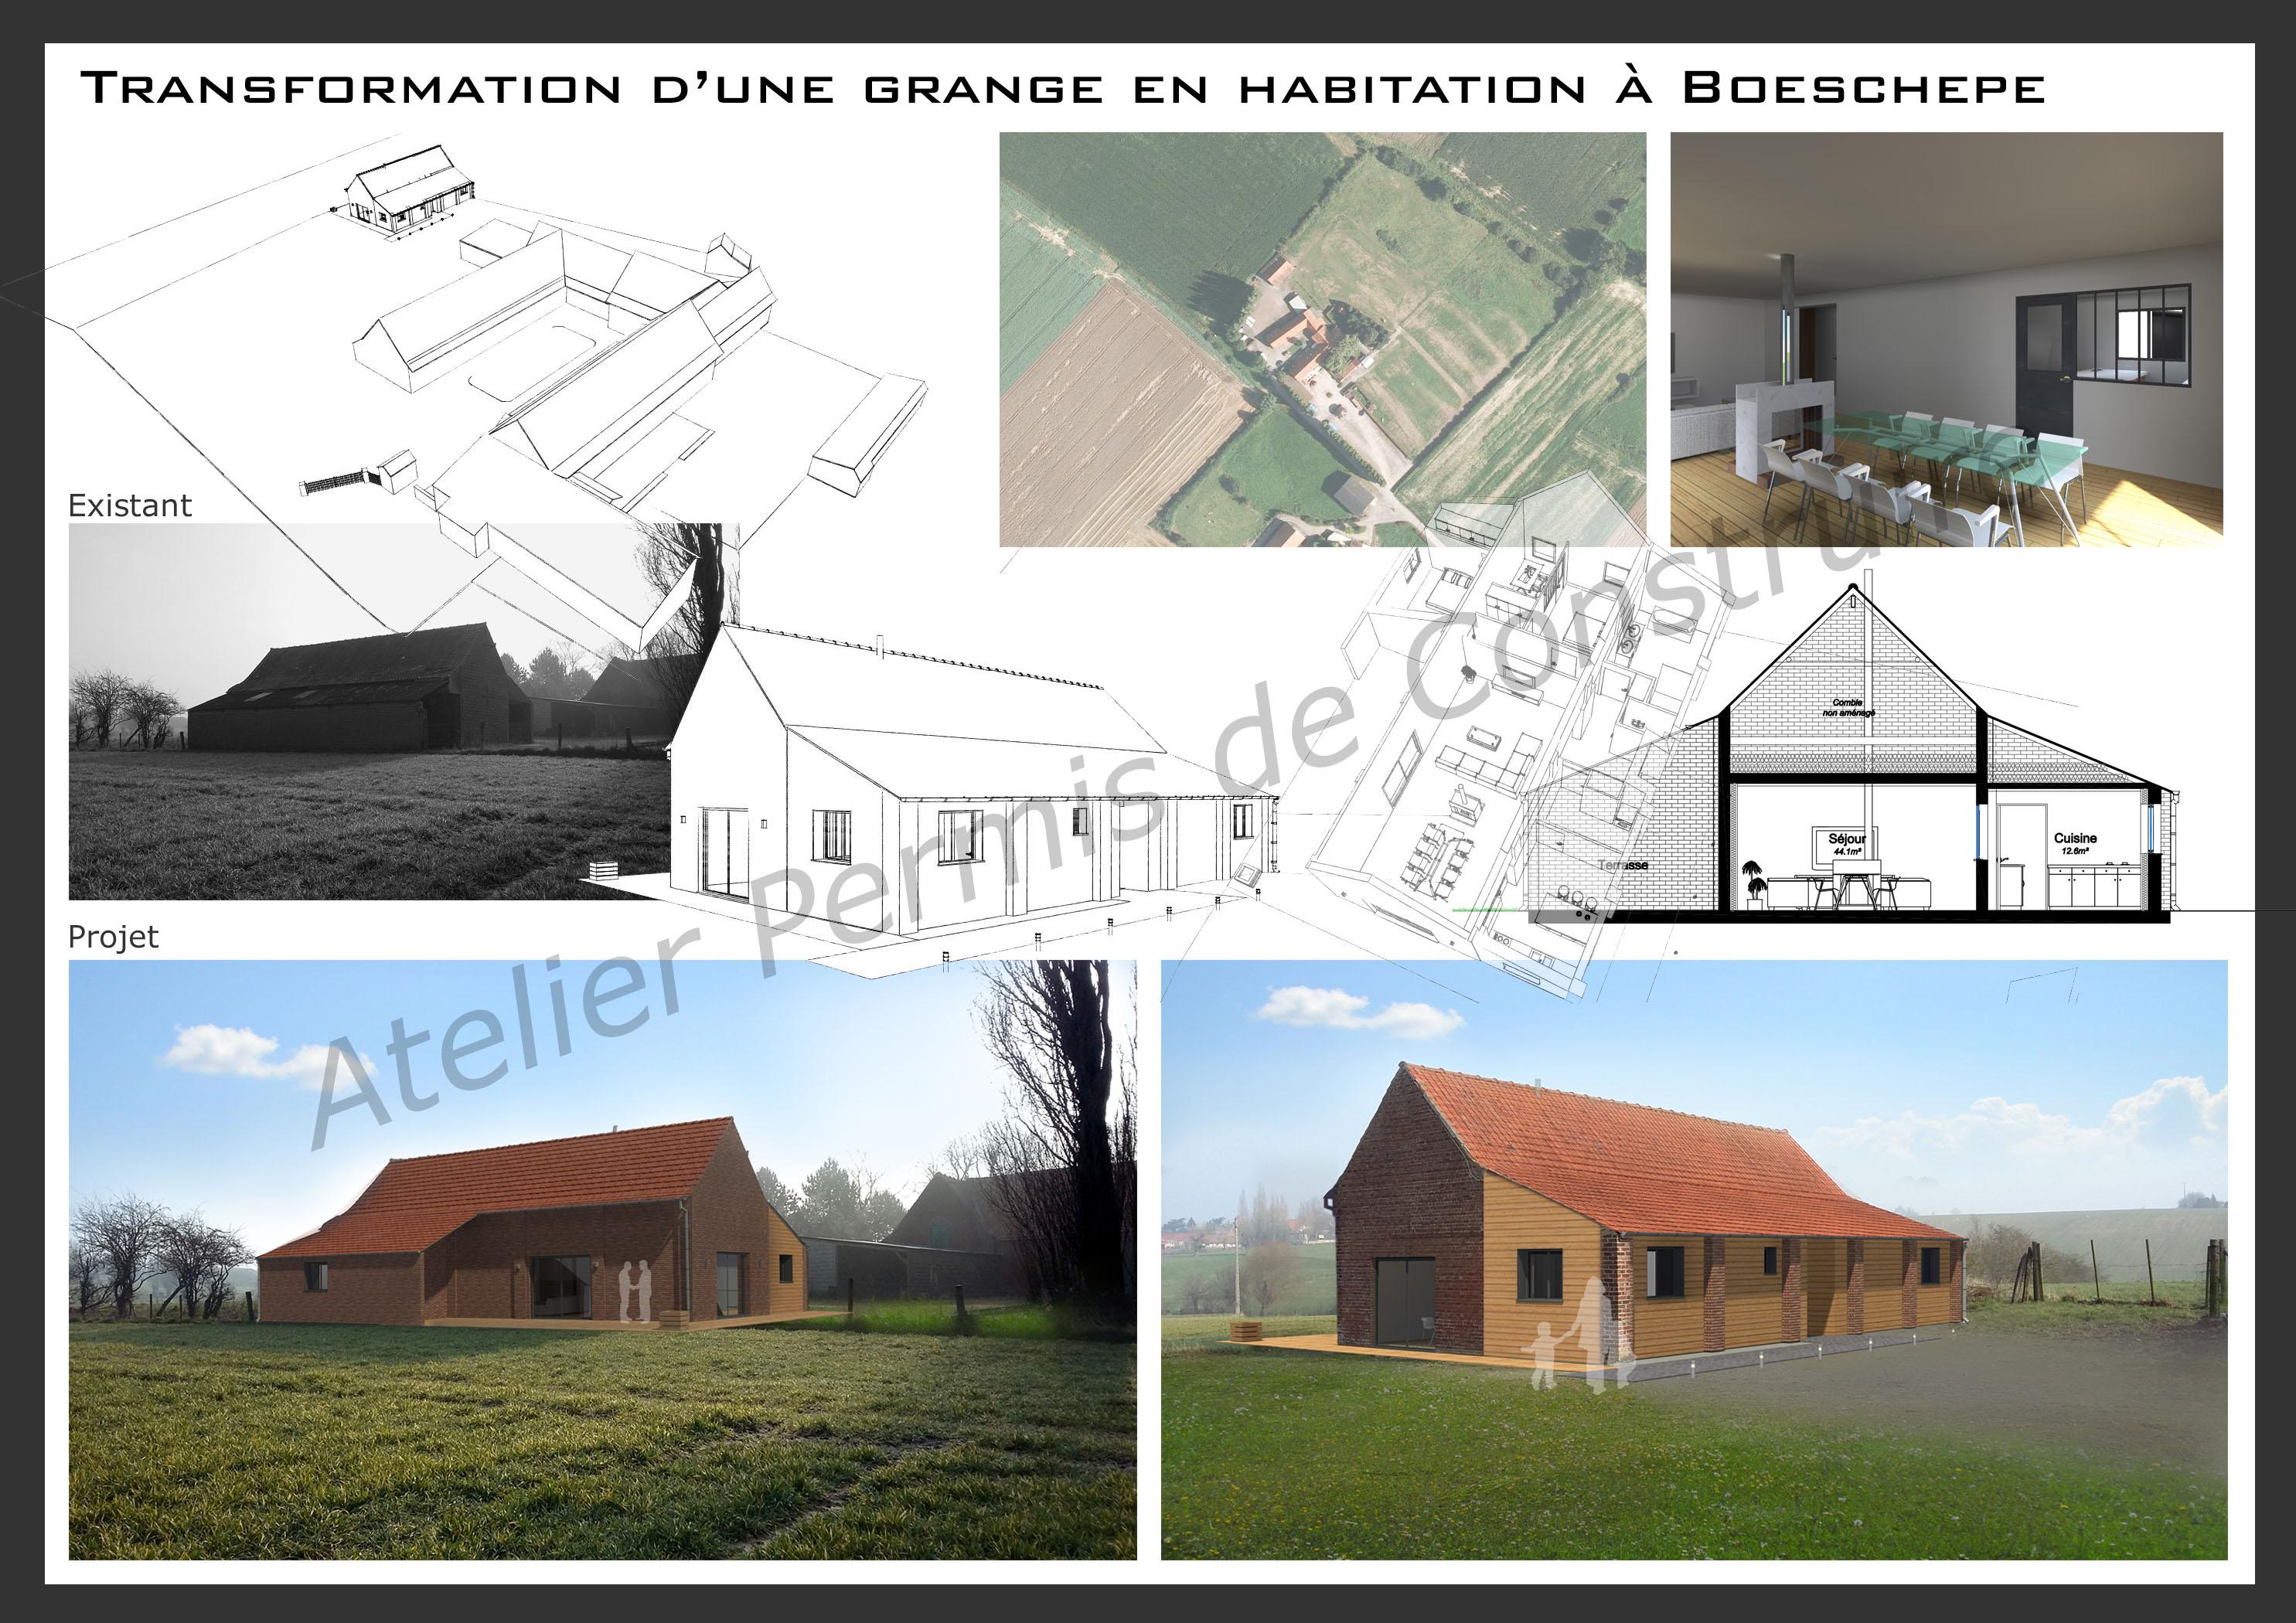 16-08-atelier-permis-de-construire-grange-nord